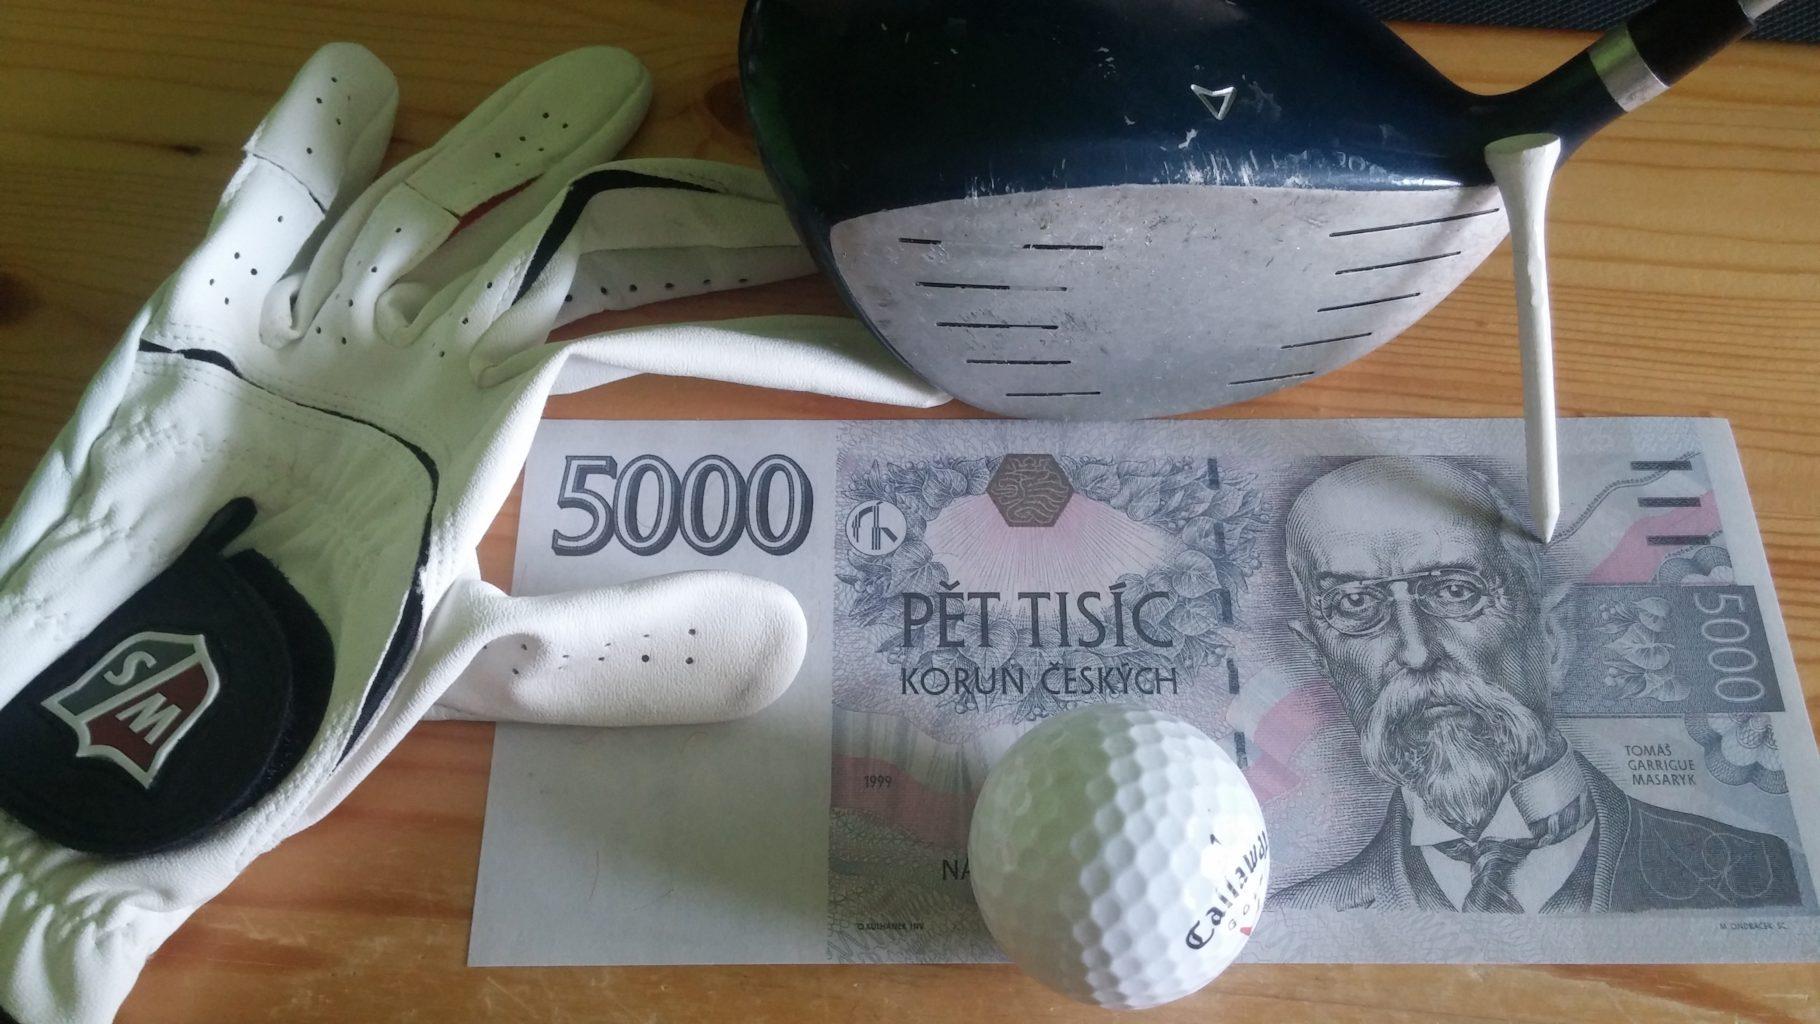 Golfové vybavení s pětitisícovou bankovkou